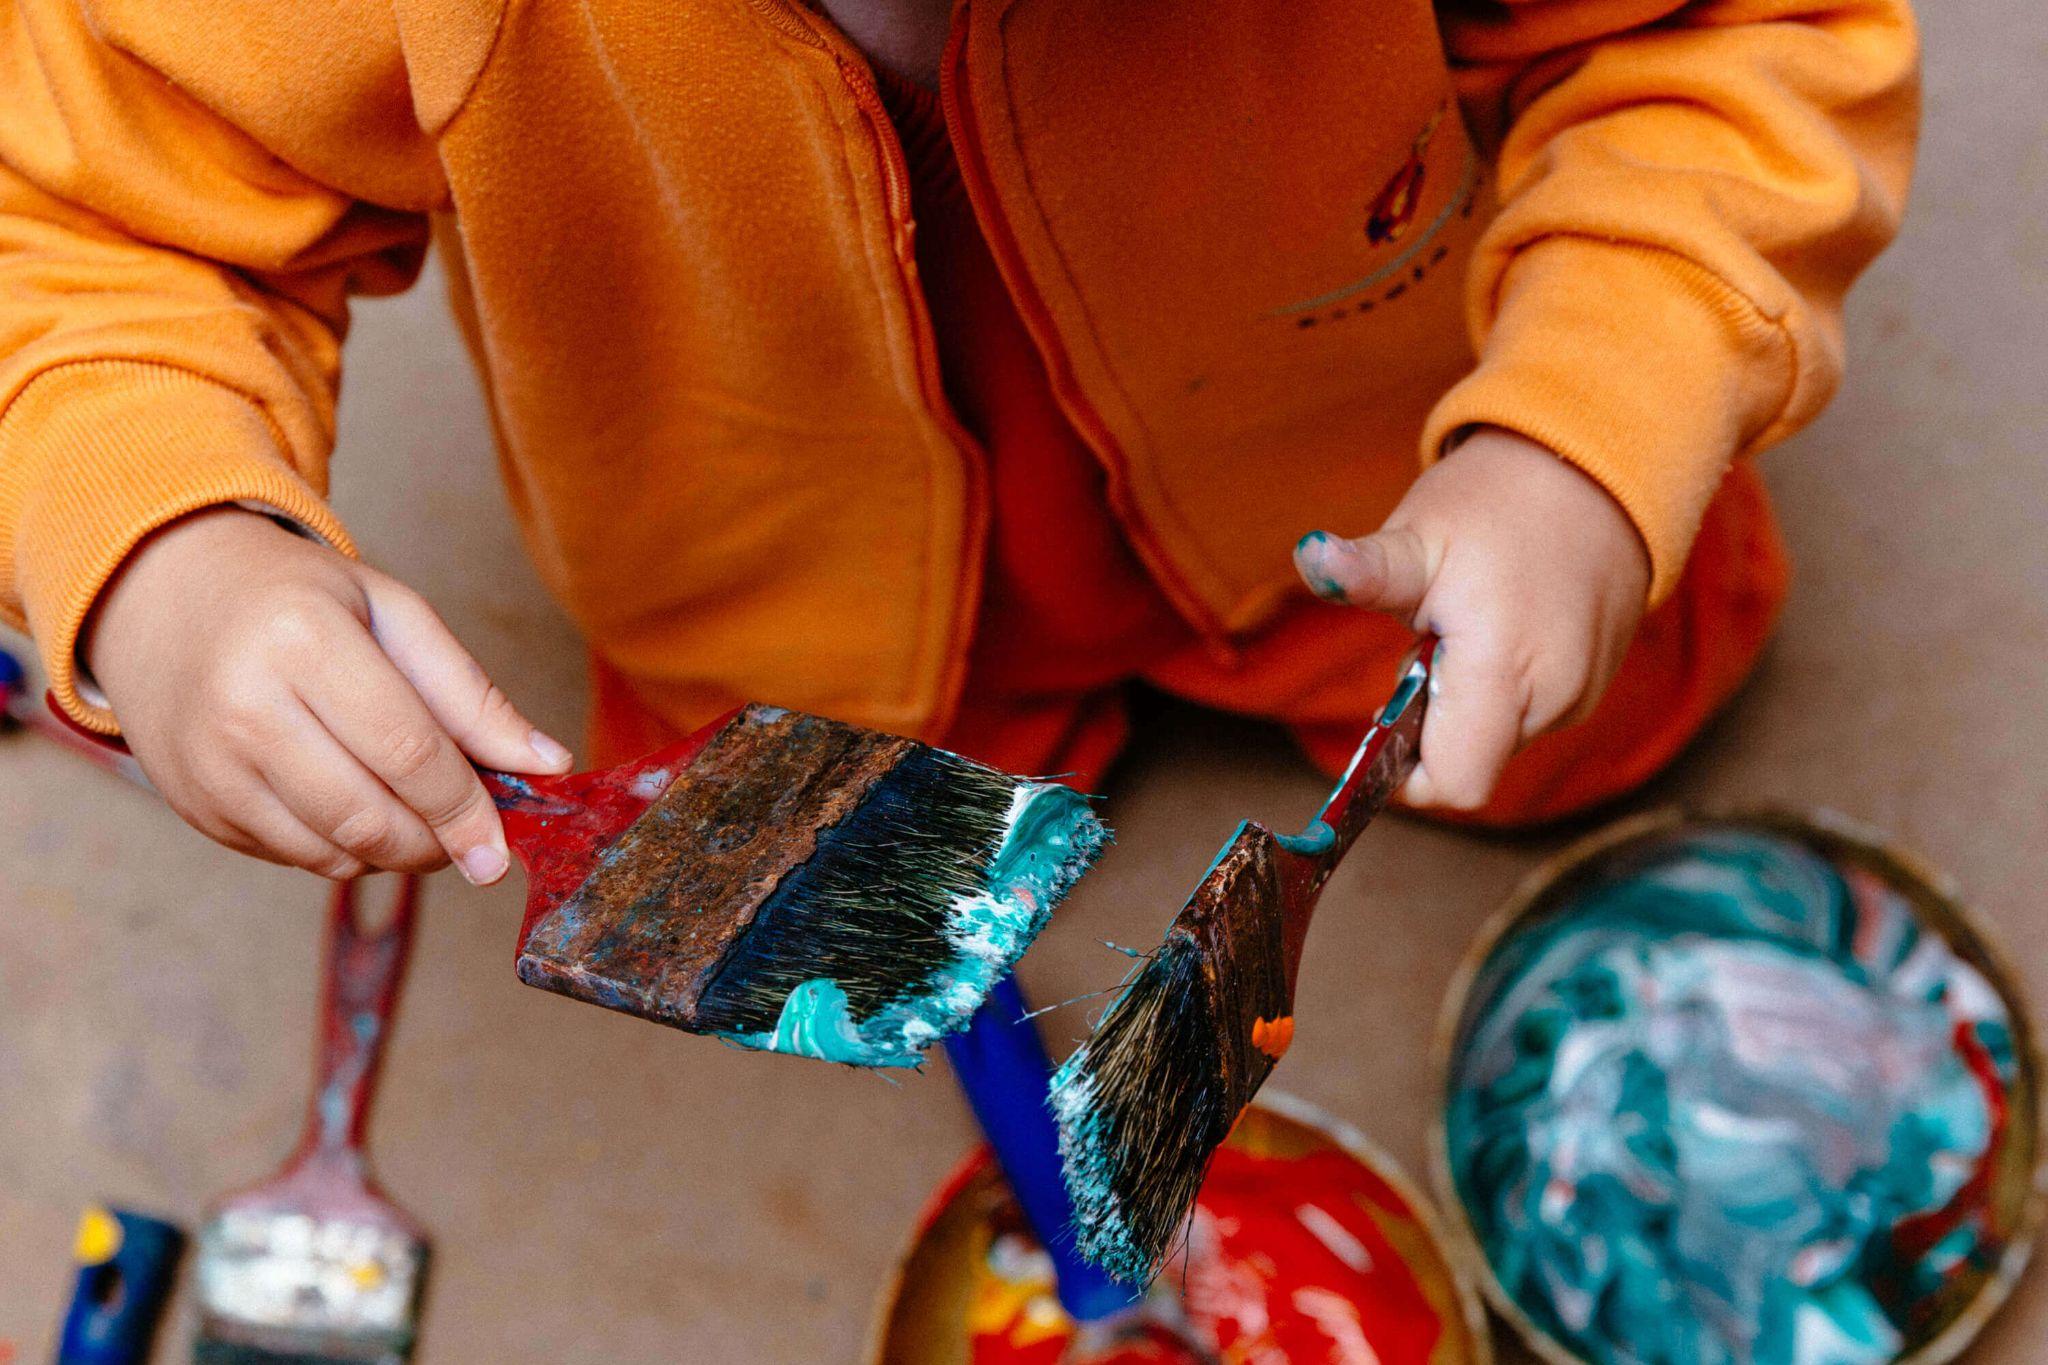 A imagem mostra uma criança manuseando pincéis sujos de tinta.